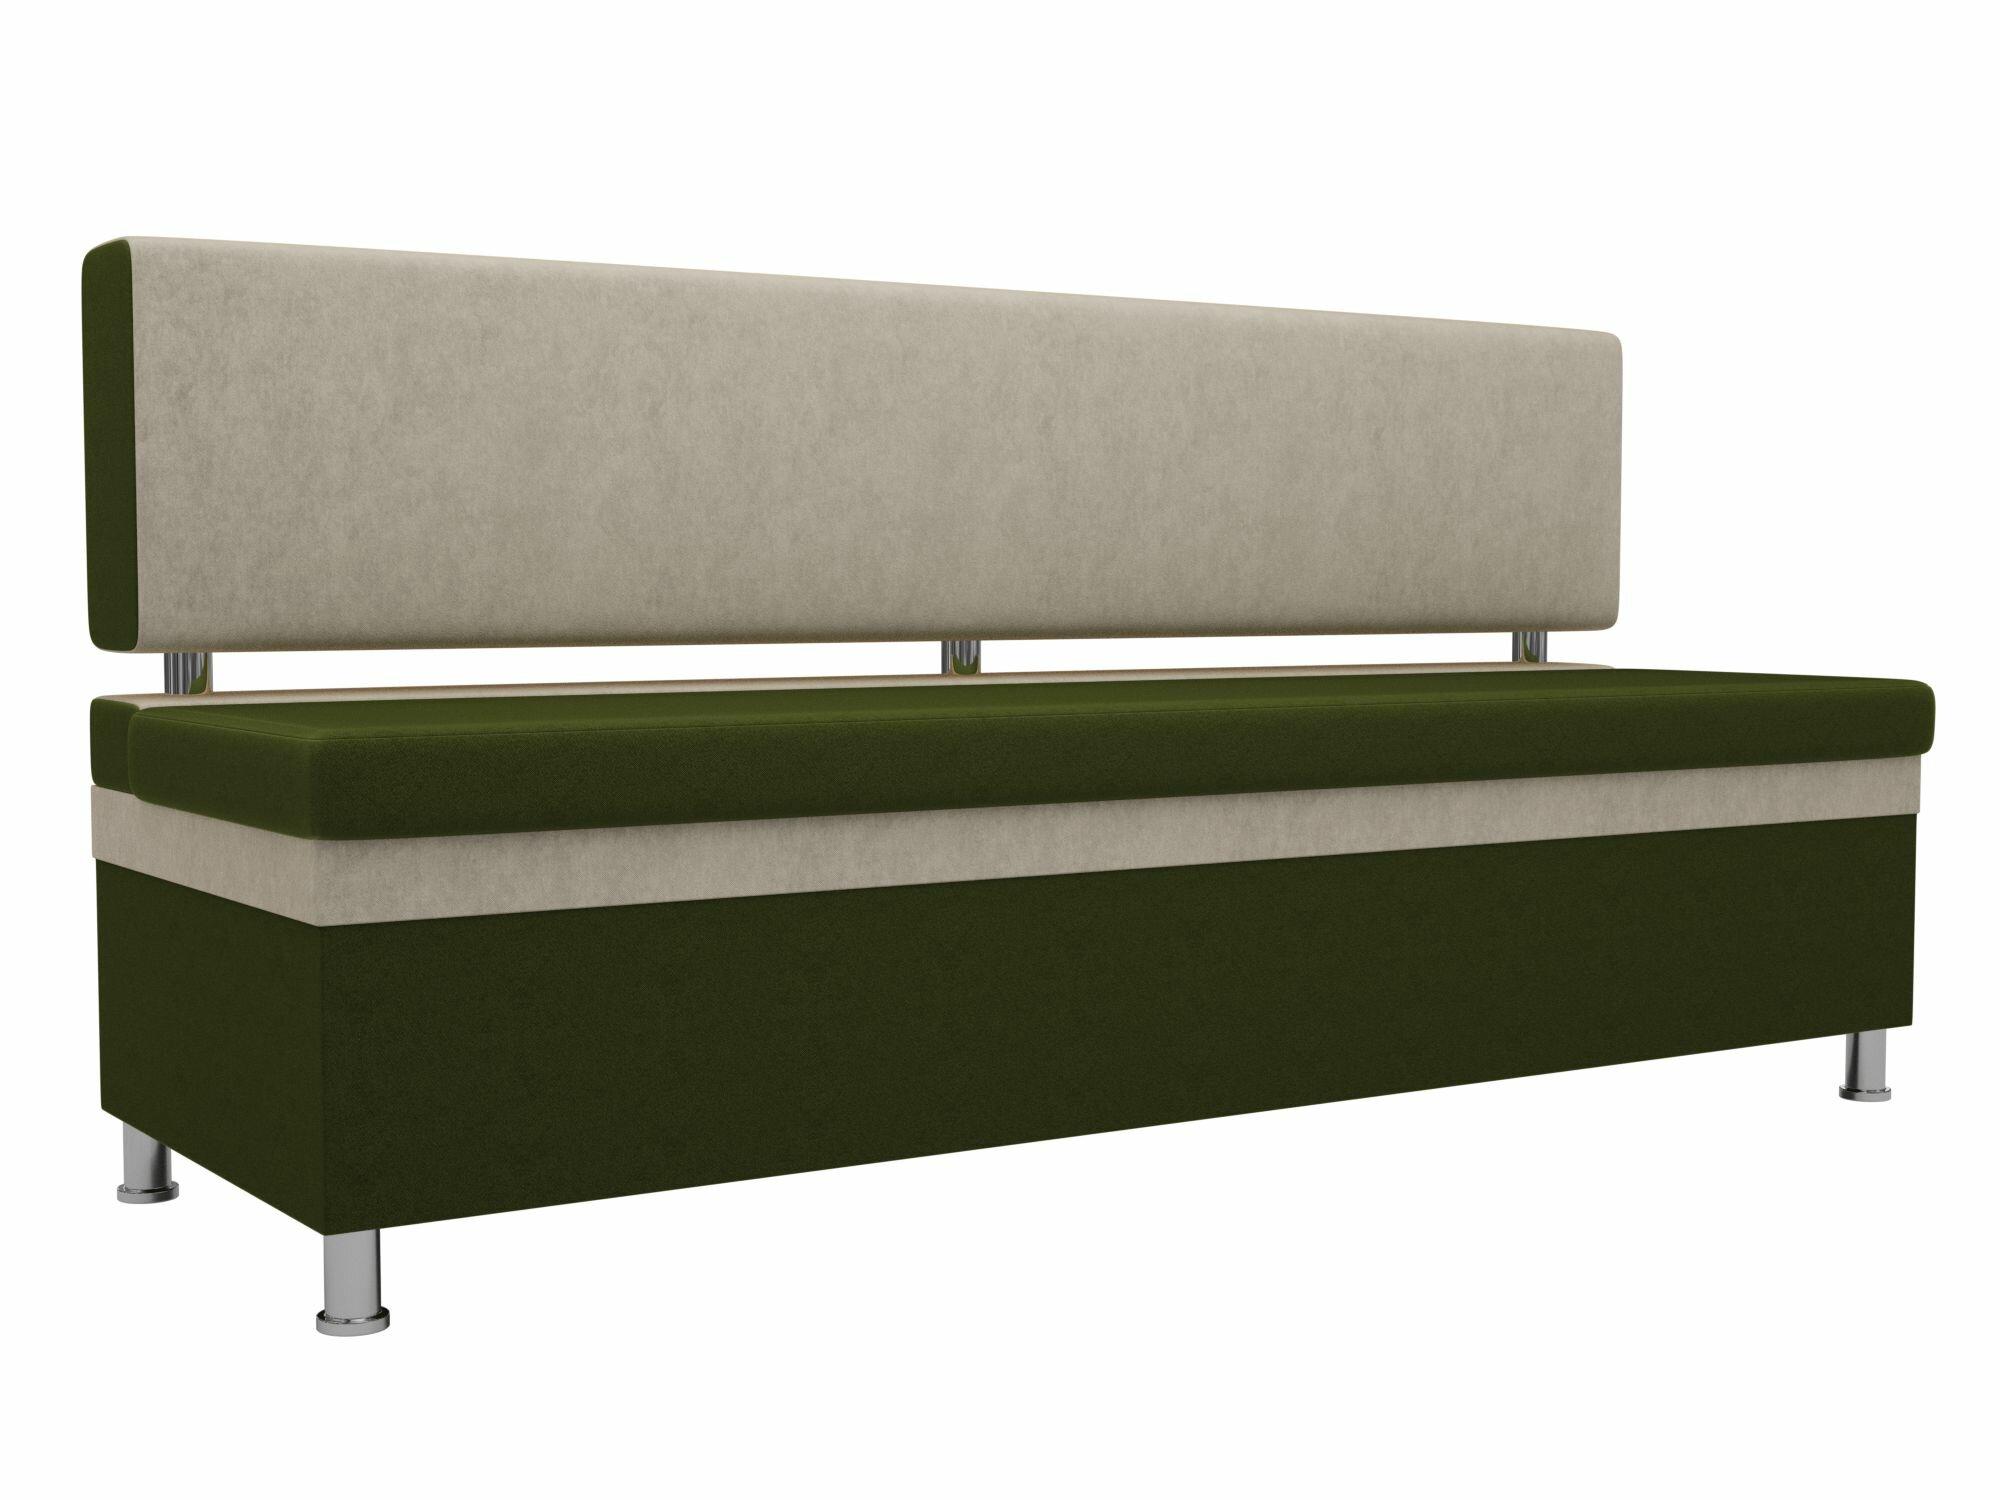 Мебель для кухни Мебелонс Кухонный прямой диван Стайл